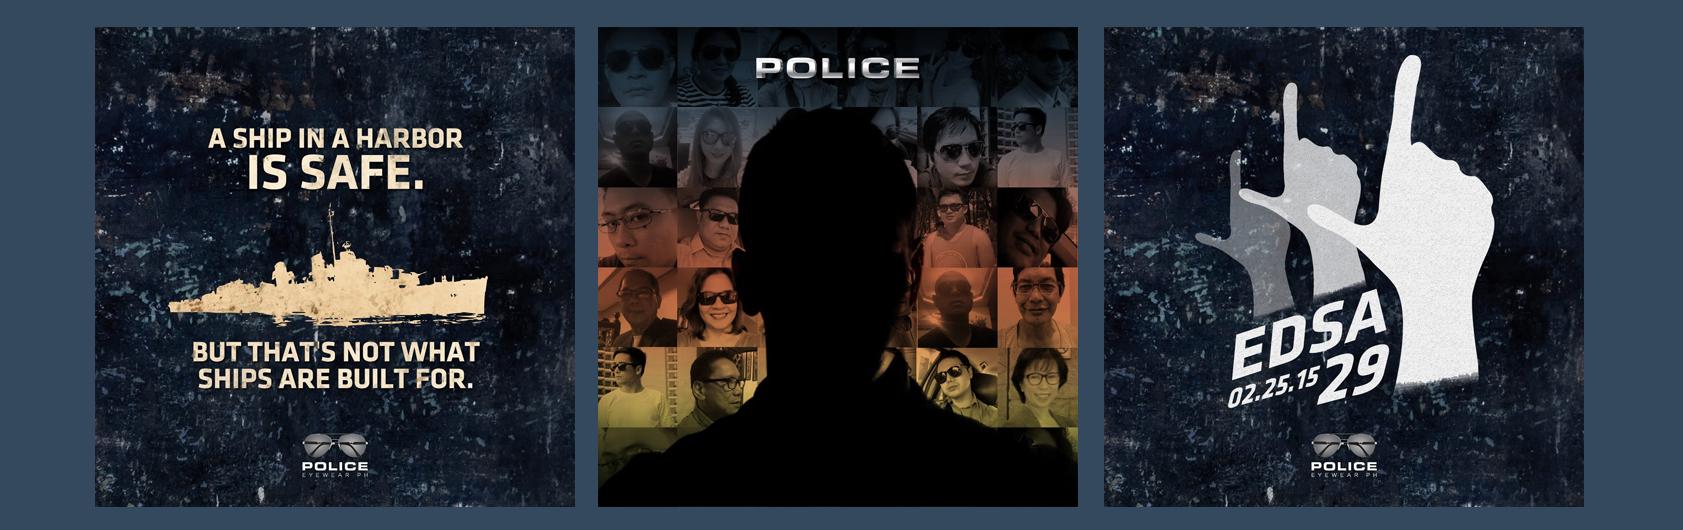 Police_3.jpg